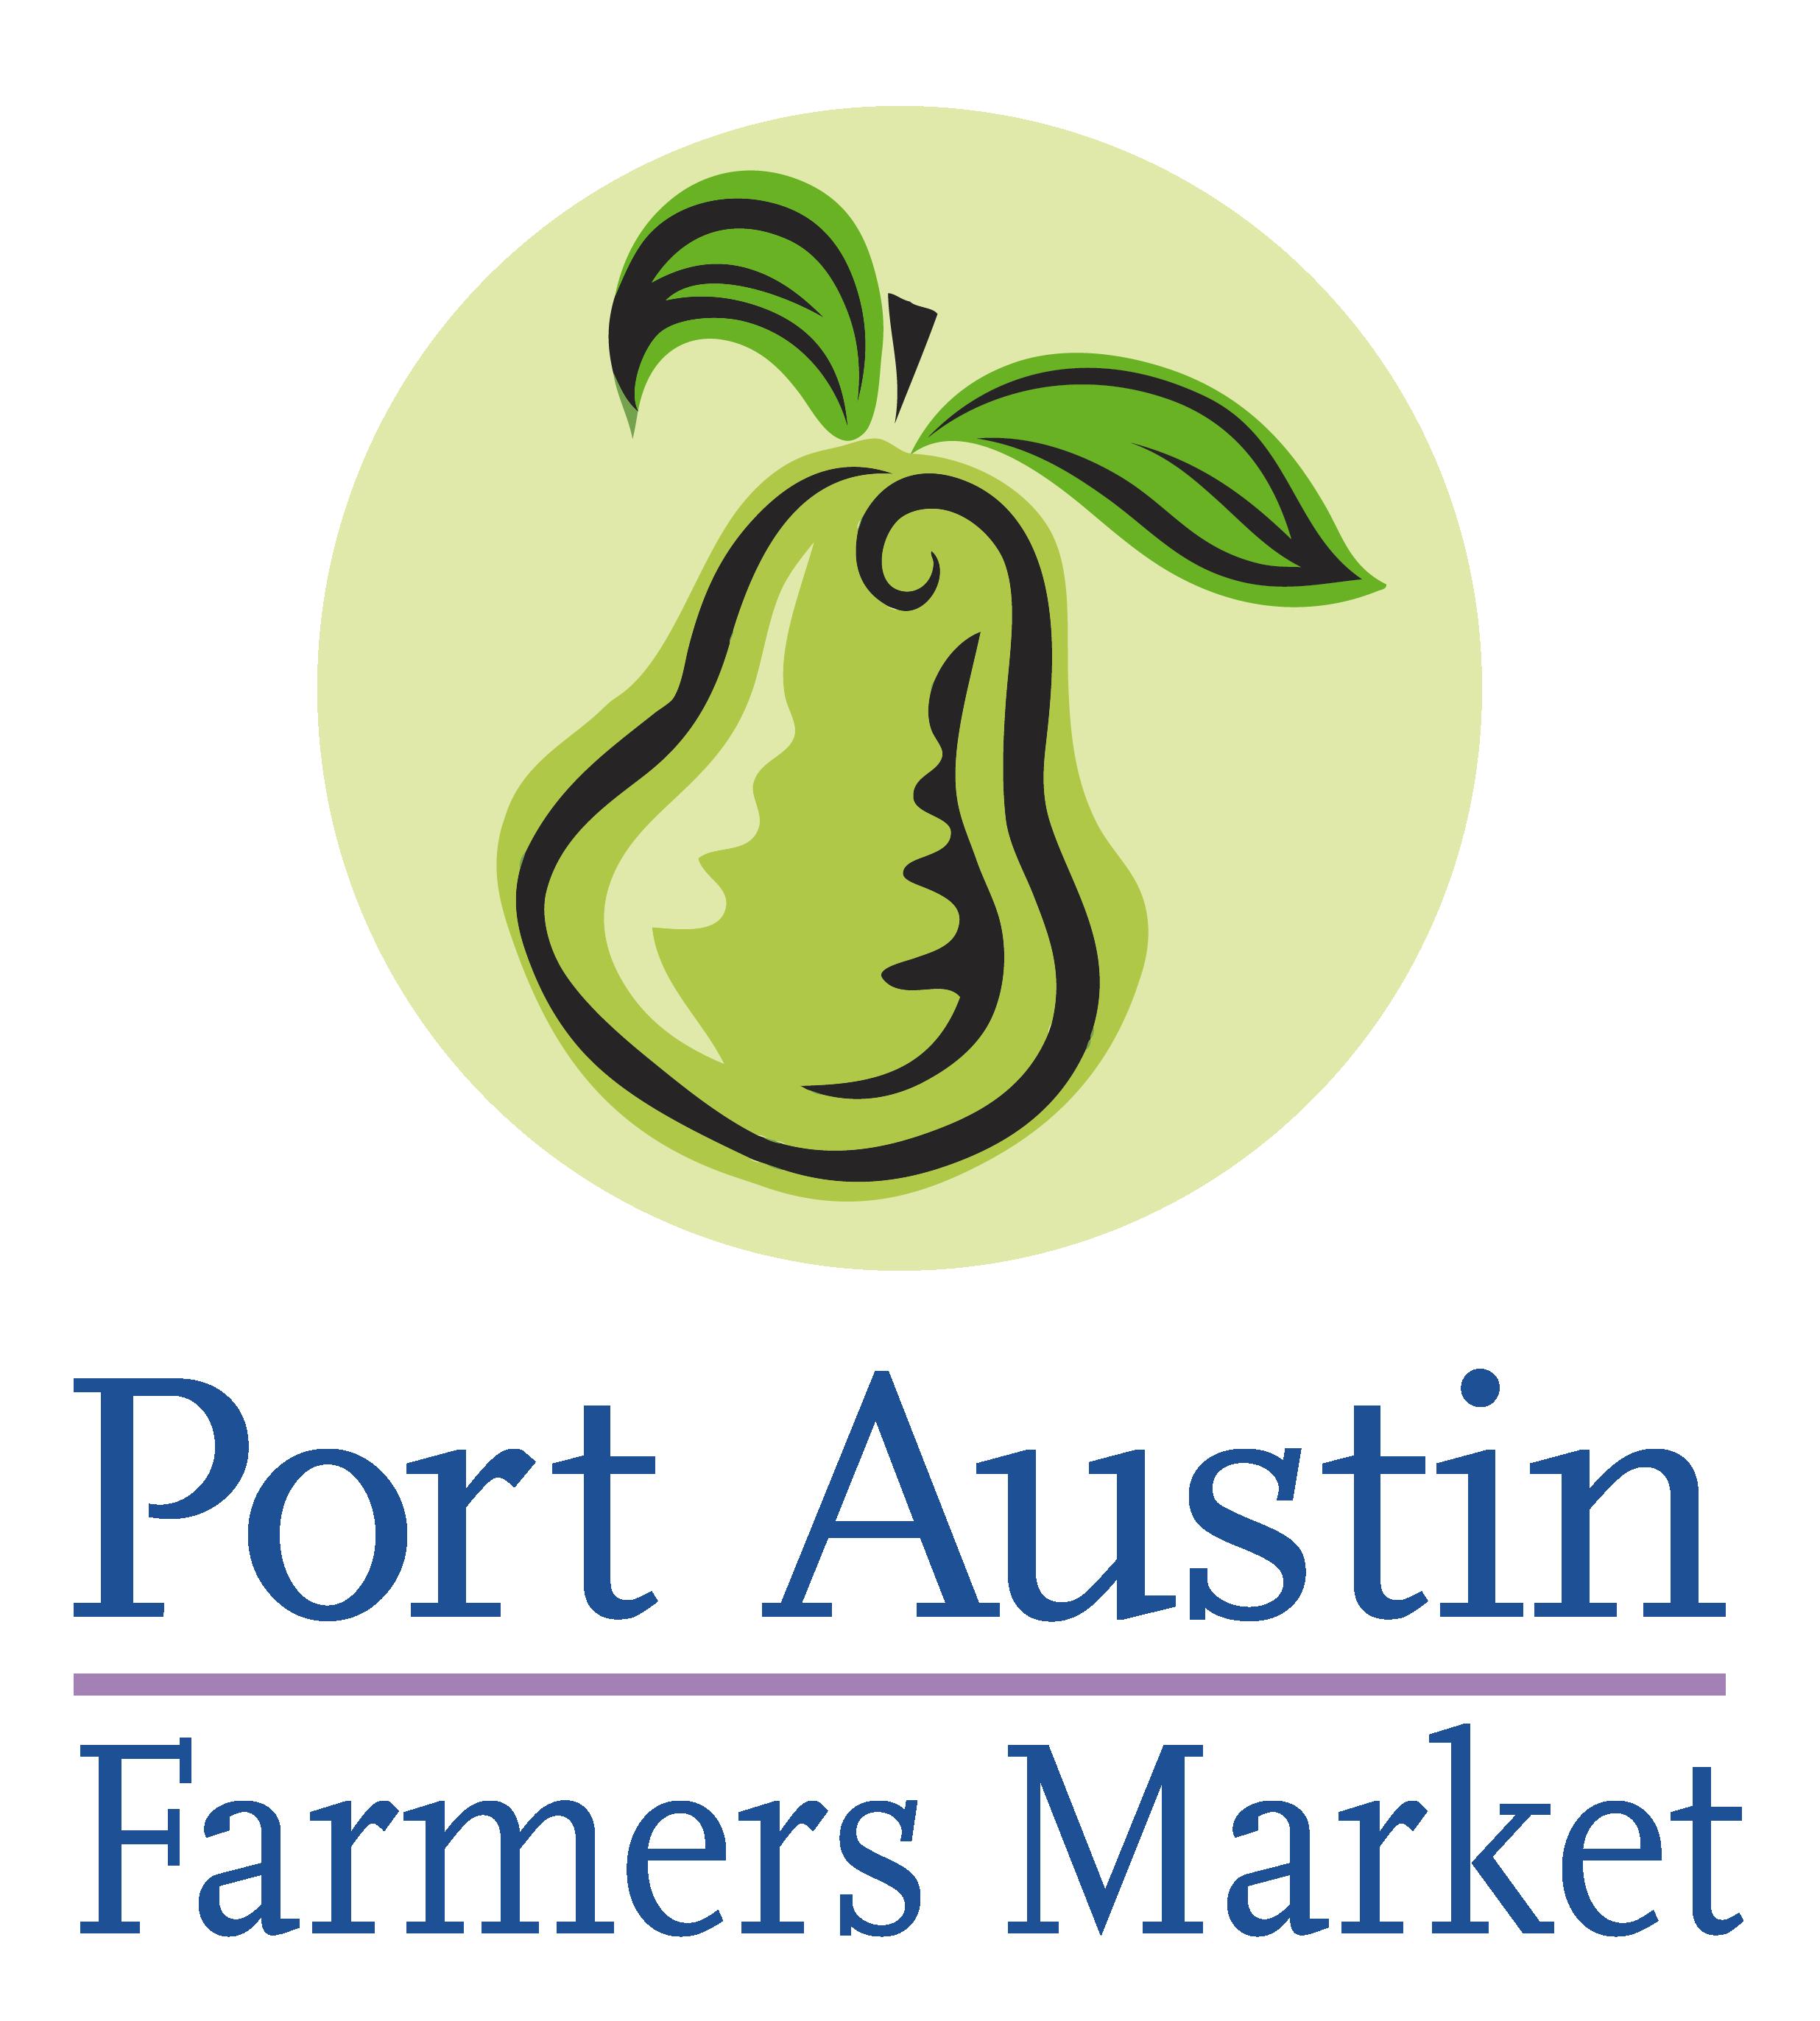 Port Austin Farmers Market